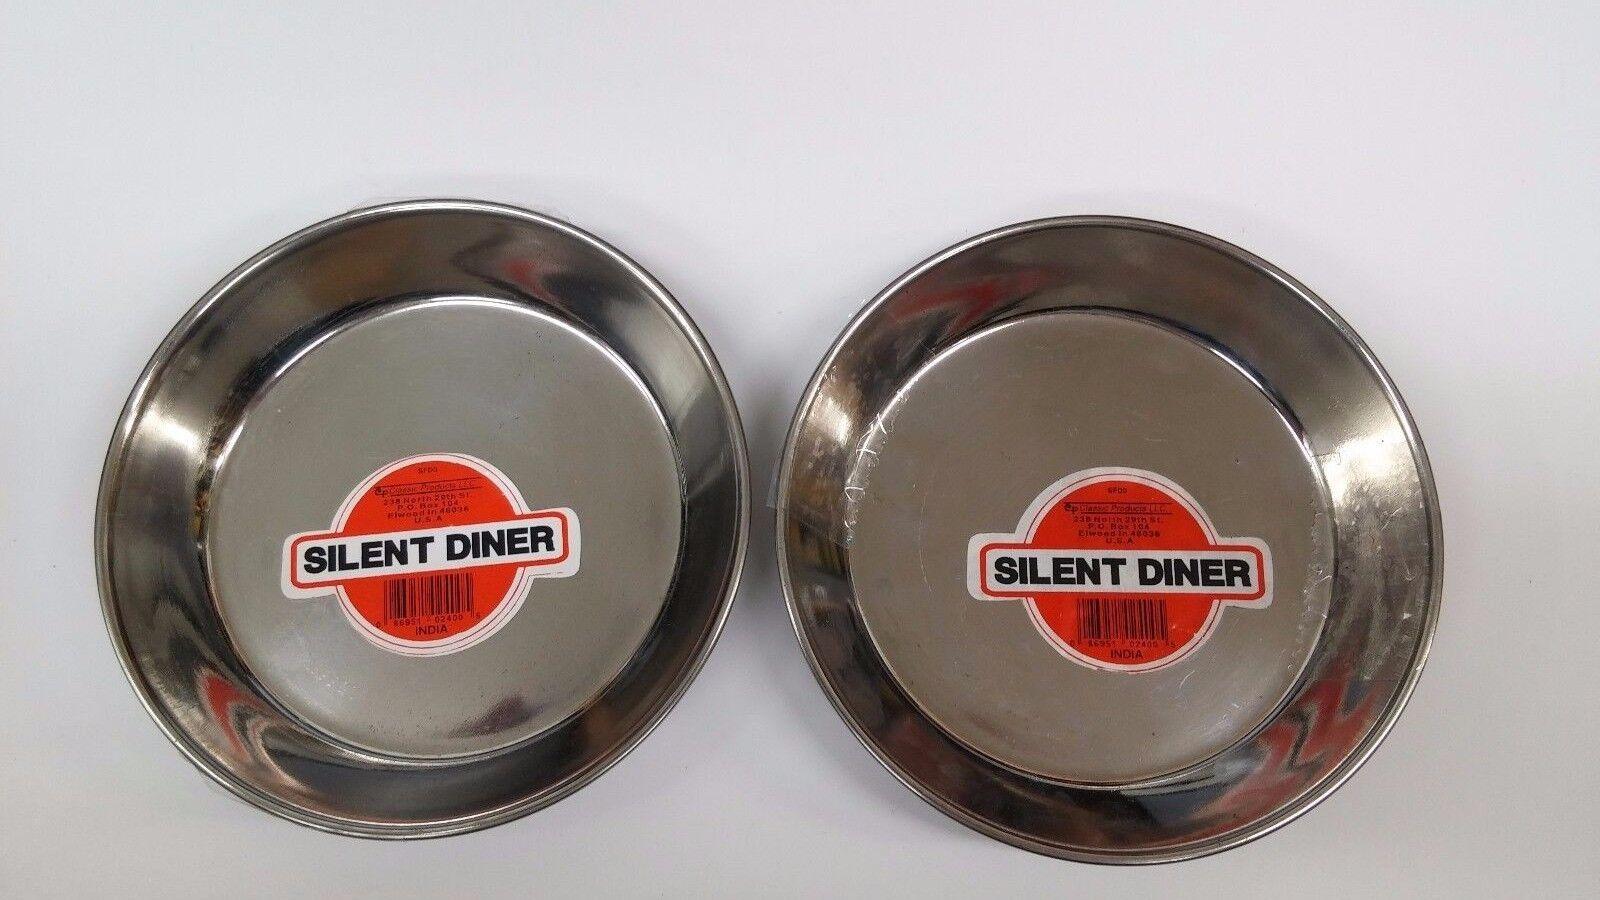 Pk-2 Silent Diner, SFD0, Pet Food & Water Bowl 8oz